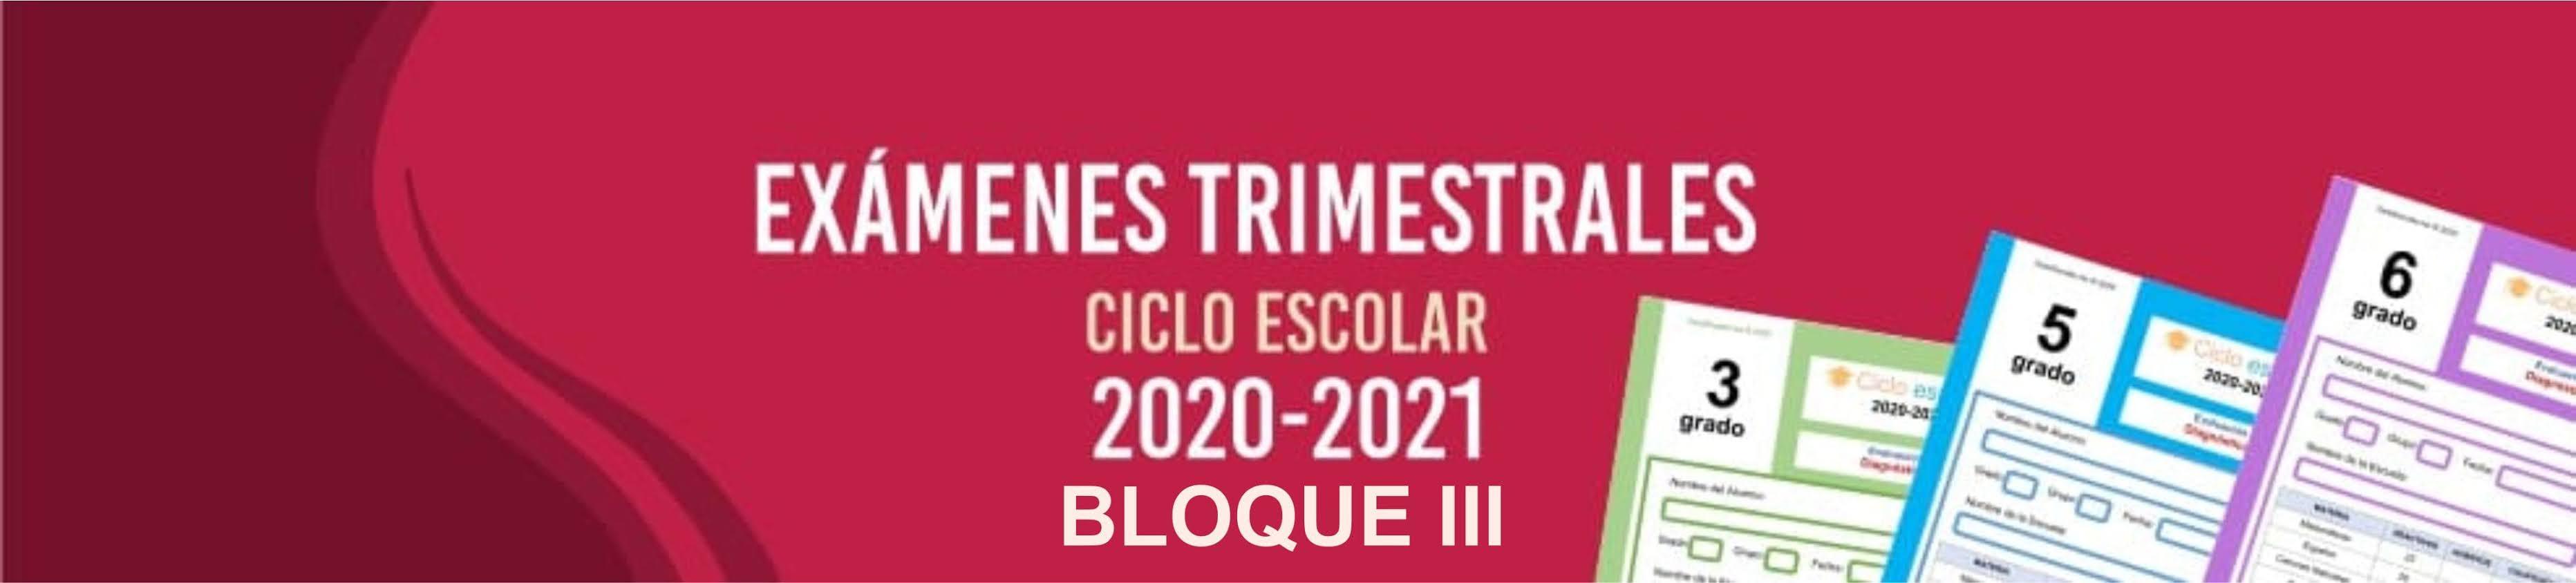 Exámenes Trimestrales Bloque 3 Nivel Primaria Ciclo Escolar 2020-2021